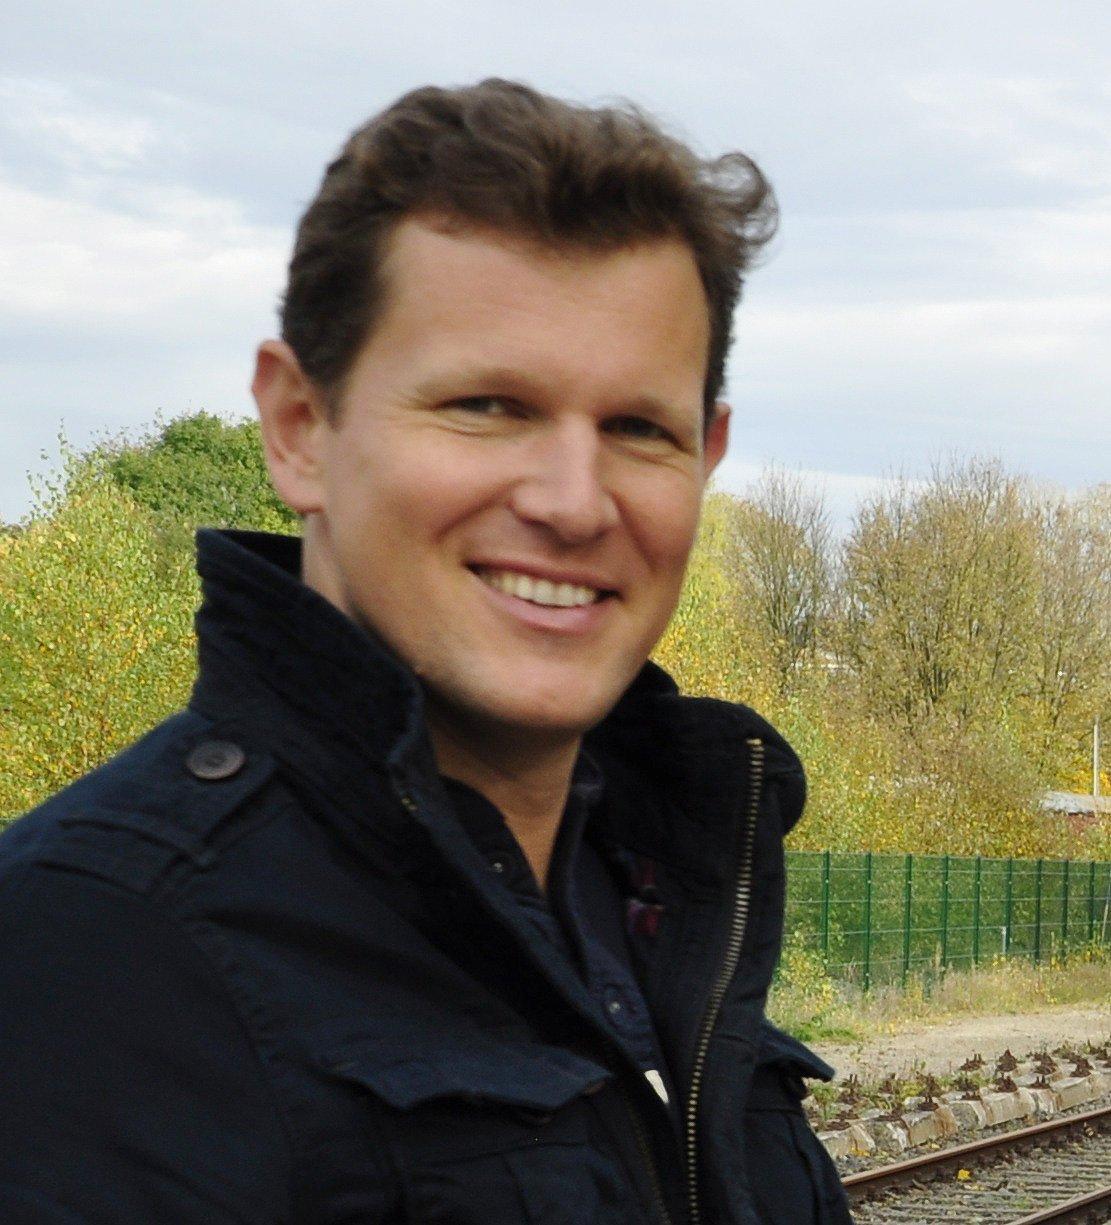 Eine Porträtaufnahme des lächelnden Carsten Gerhardt.